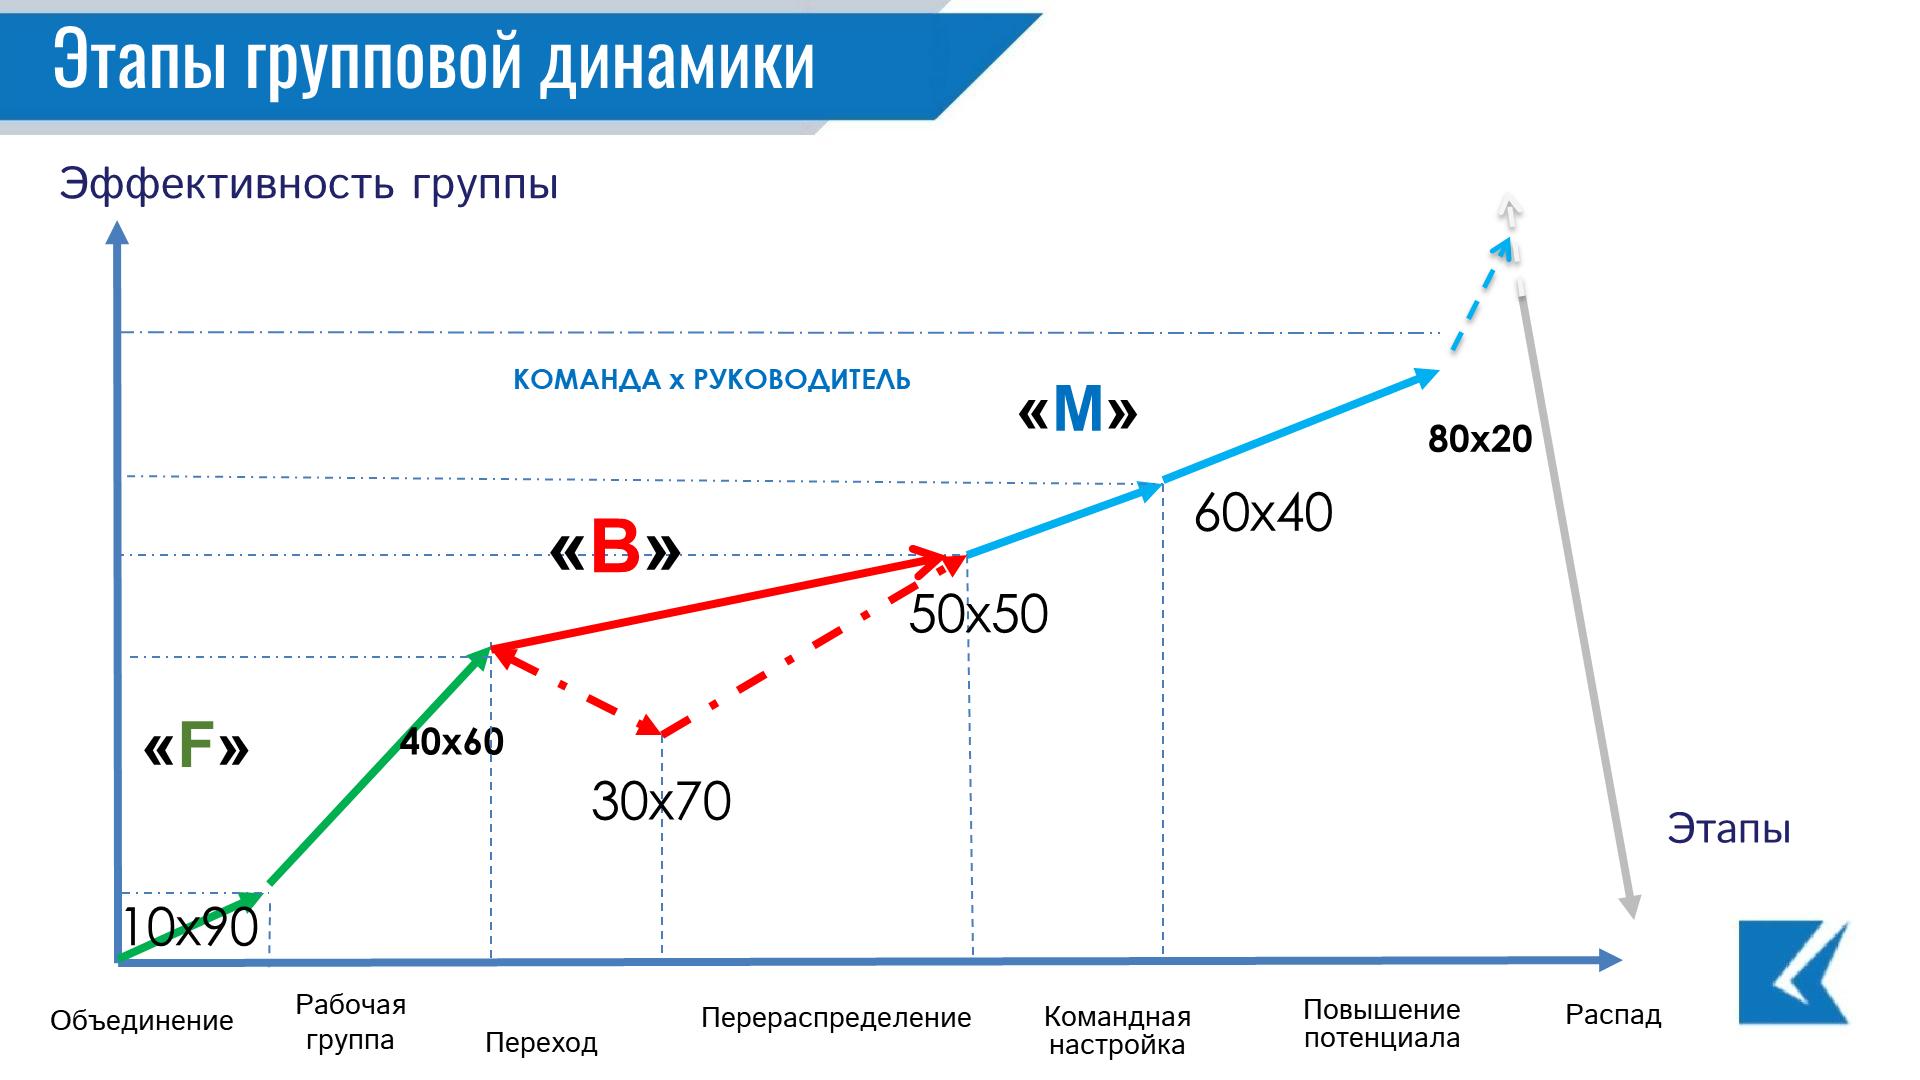 Групповая динамика в тренинге - График Этапы групповой динамики